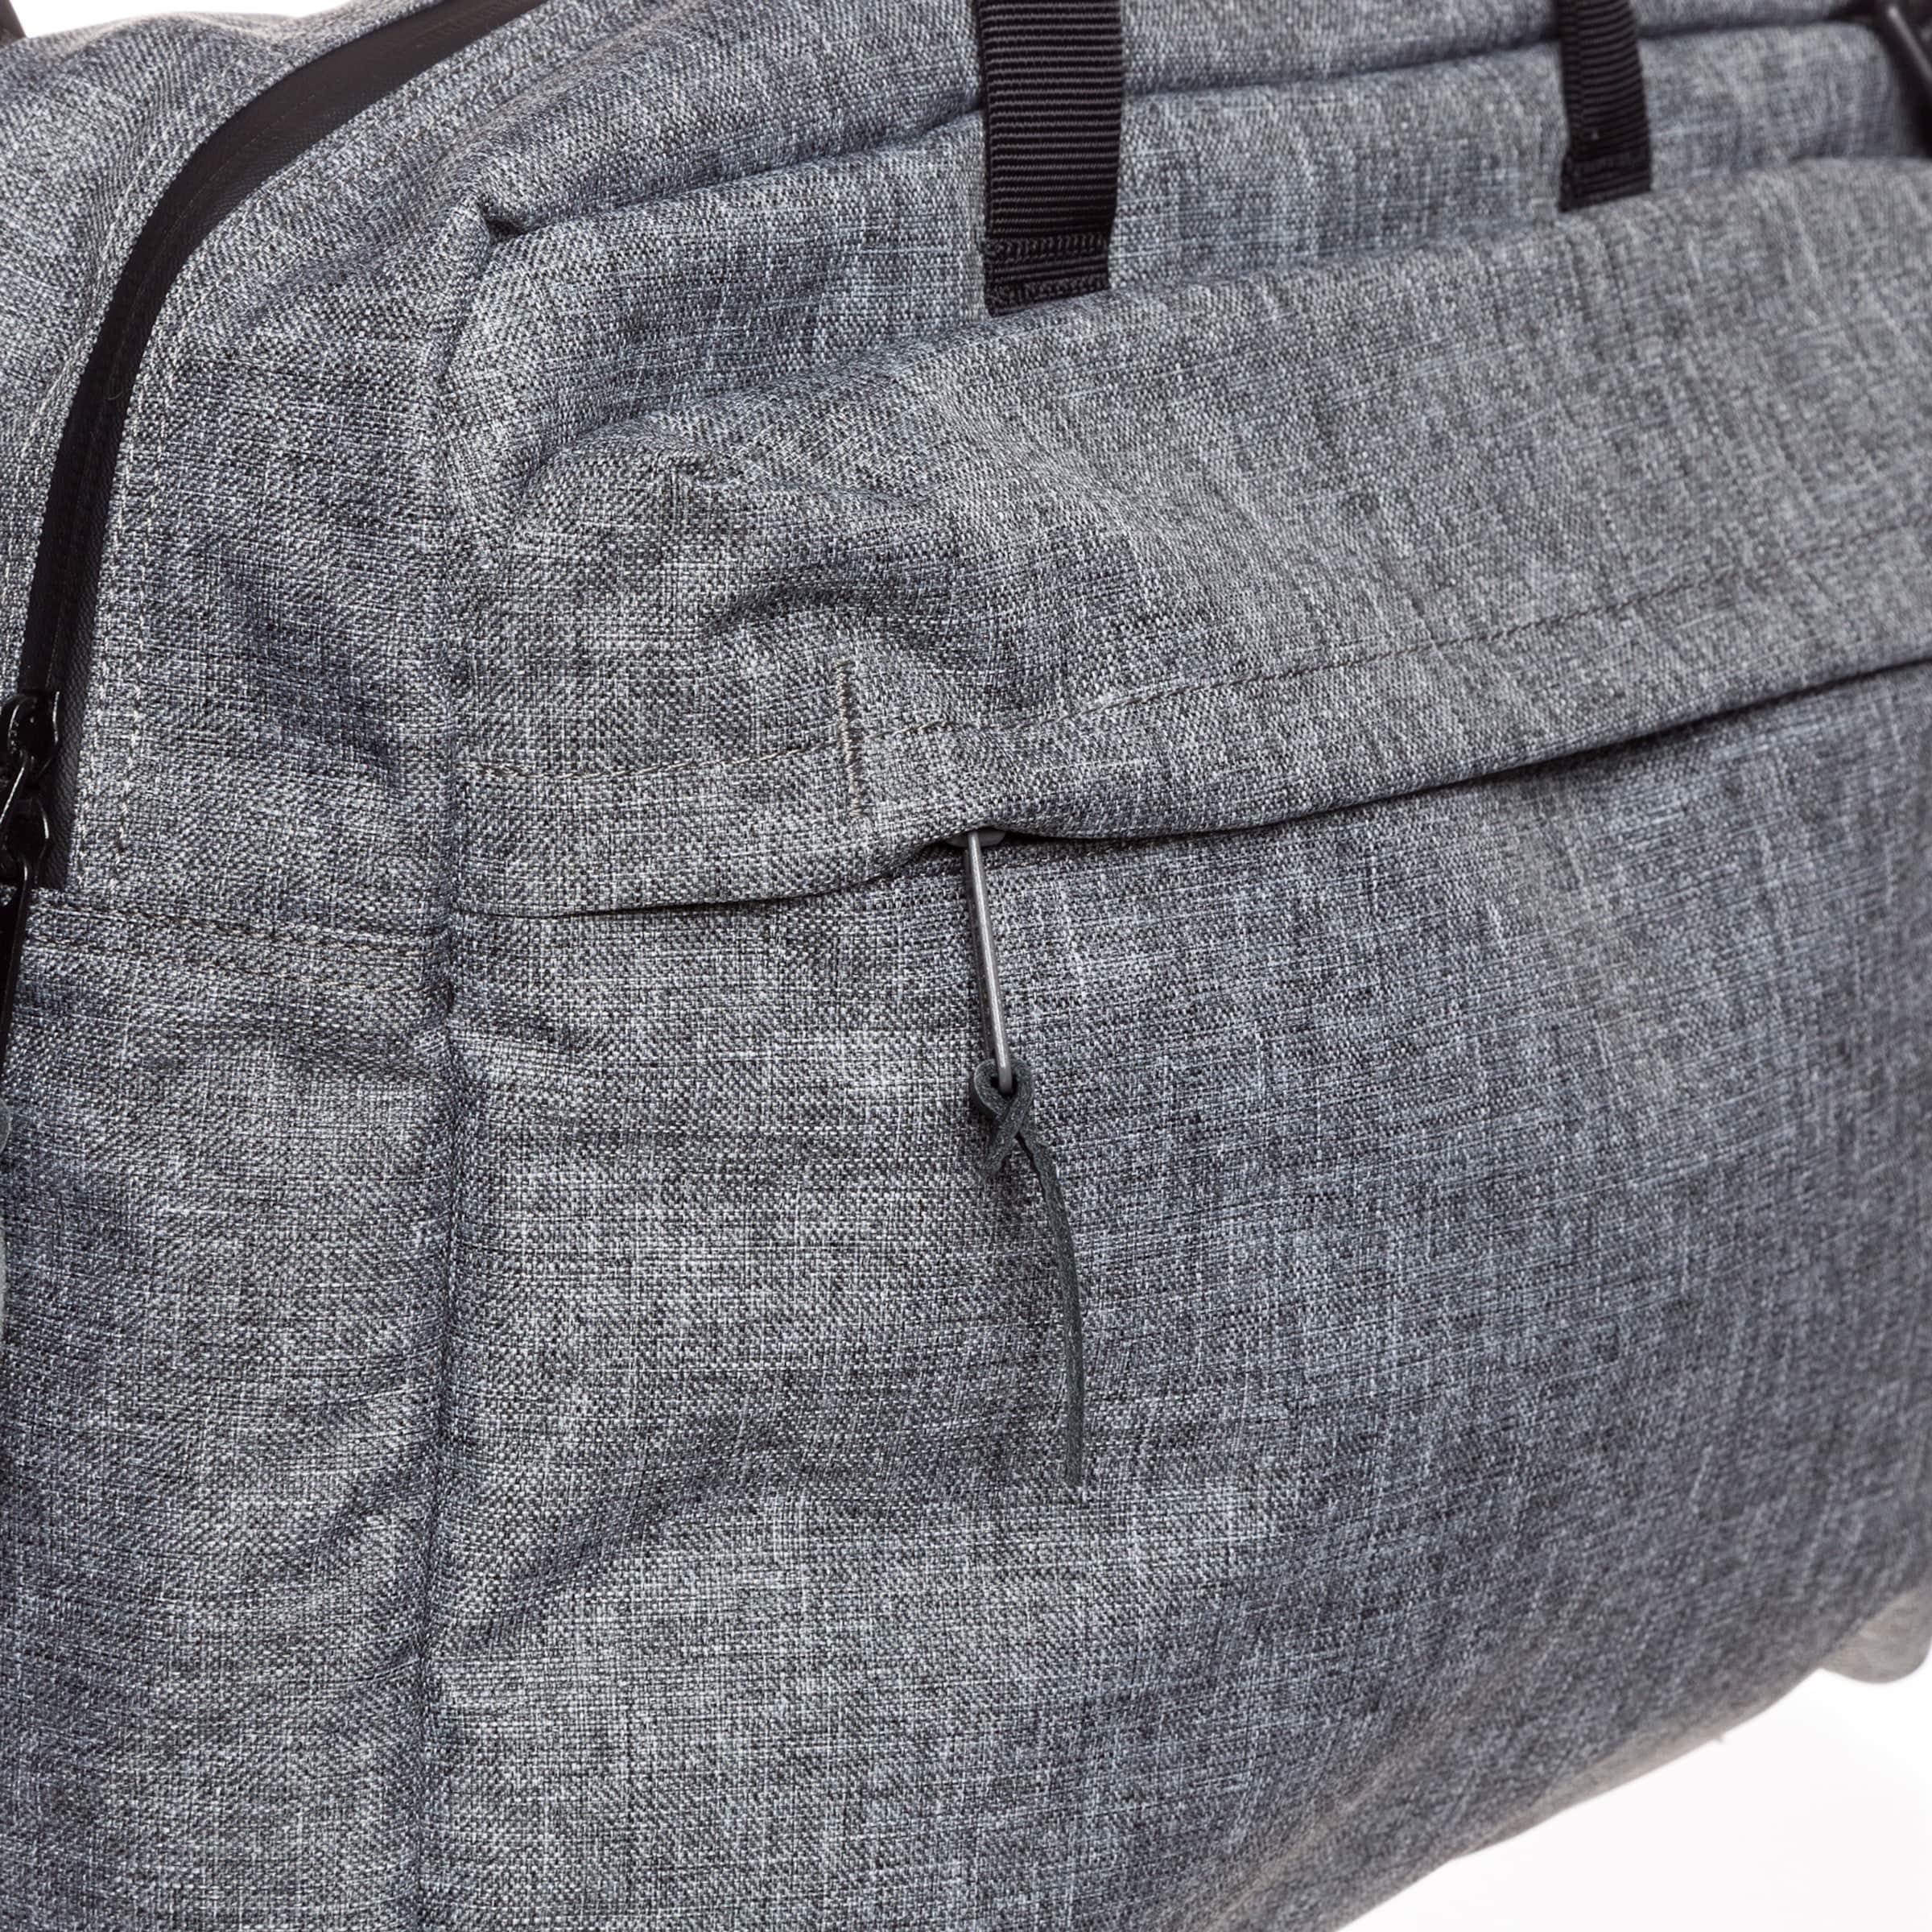 Rabatt Niedrig Kosten Großer Rabatt Zum Verkauf Herschel Sandford Messenger Tasche Steckdose Genießen Original Günstiger Preis Spielraum Großer Verkauf nBATtR0DjP